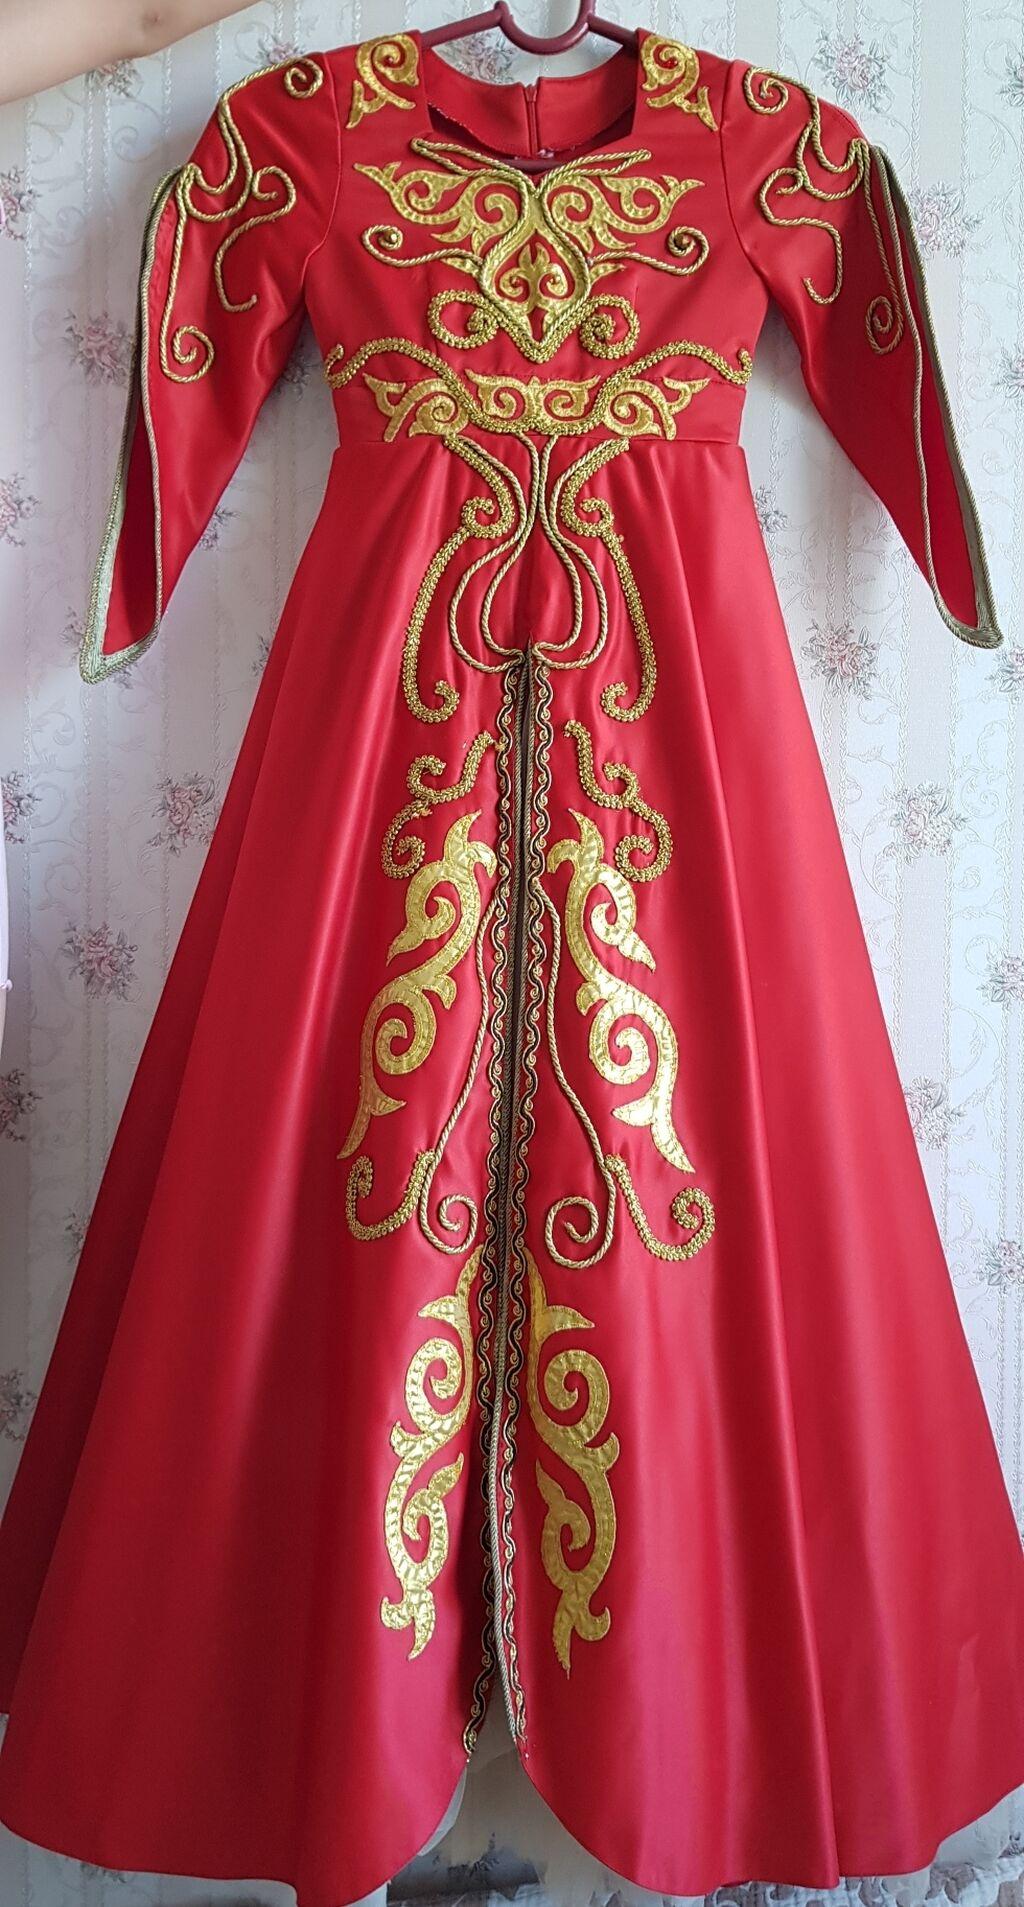 Продаю шикарное эксклюзивное платье. Заказывали для конкурса | Объявление создано 30 Апрель 2021 05:22:54 | ПЛАТЬЯ: Продаю шикарное эксклюзивное платье. Заказывали для конкурса